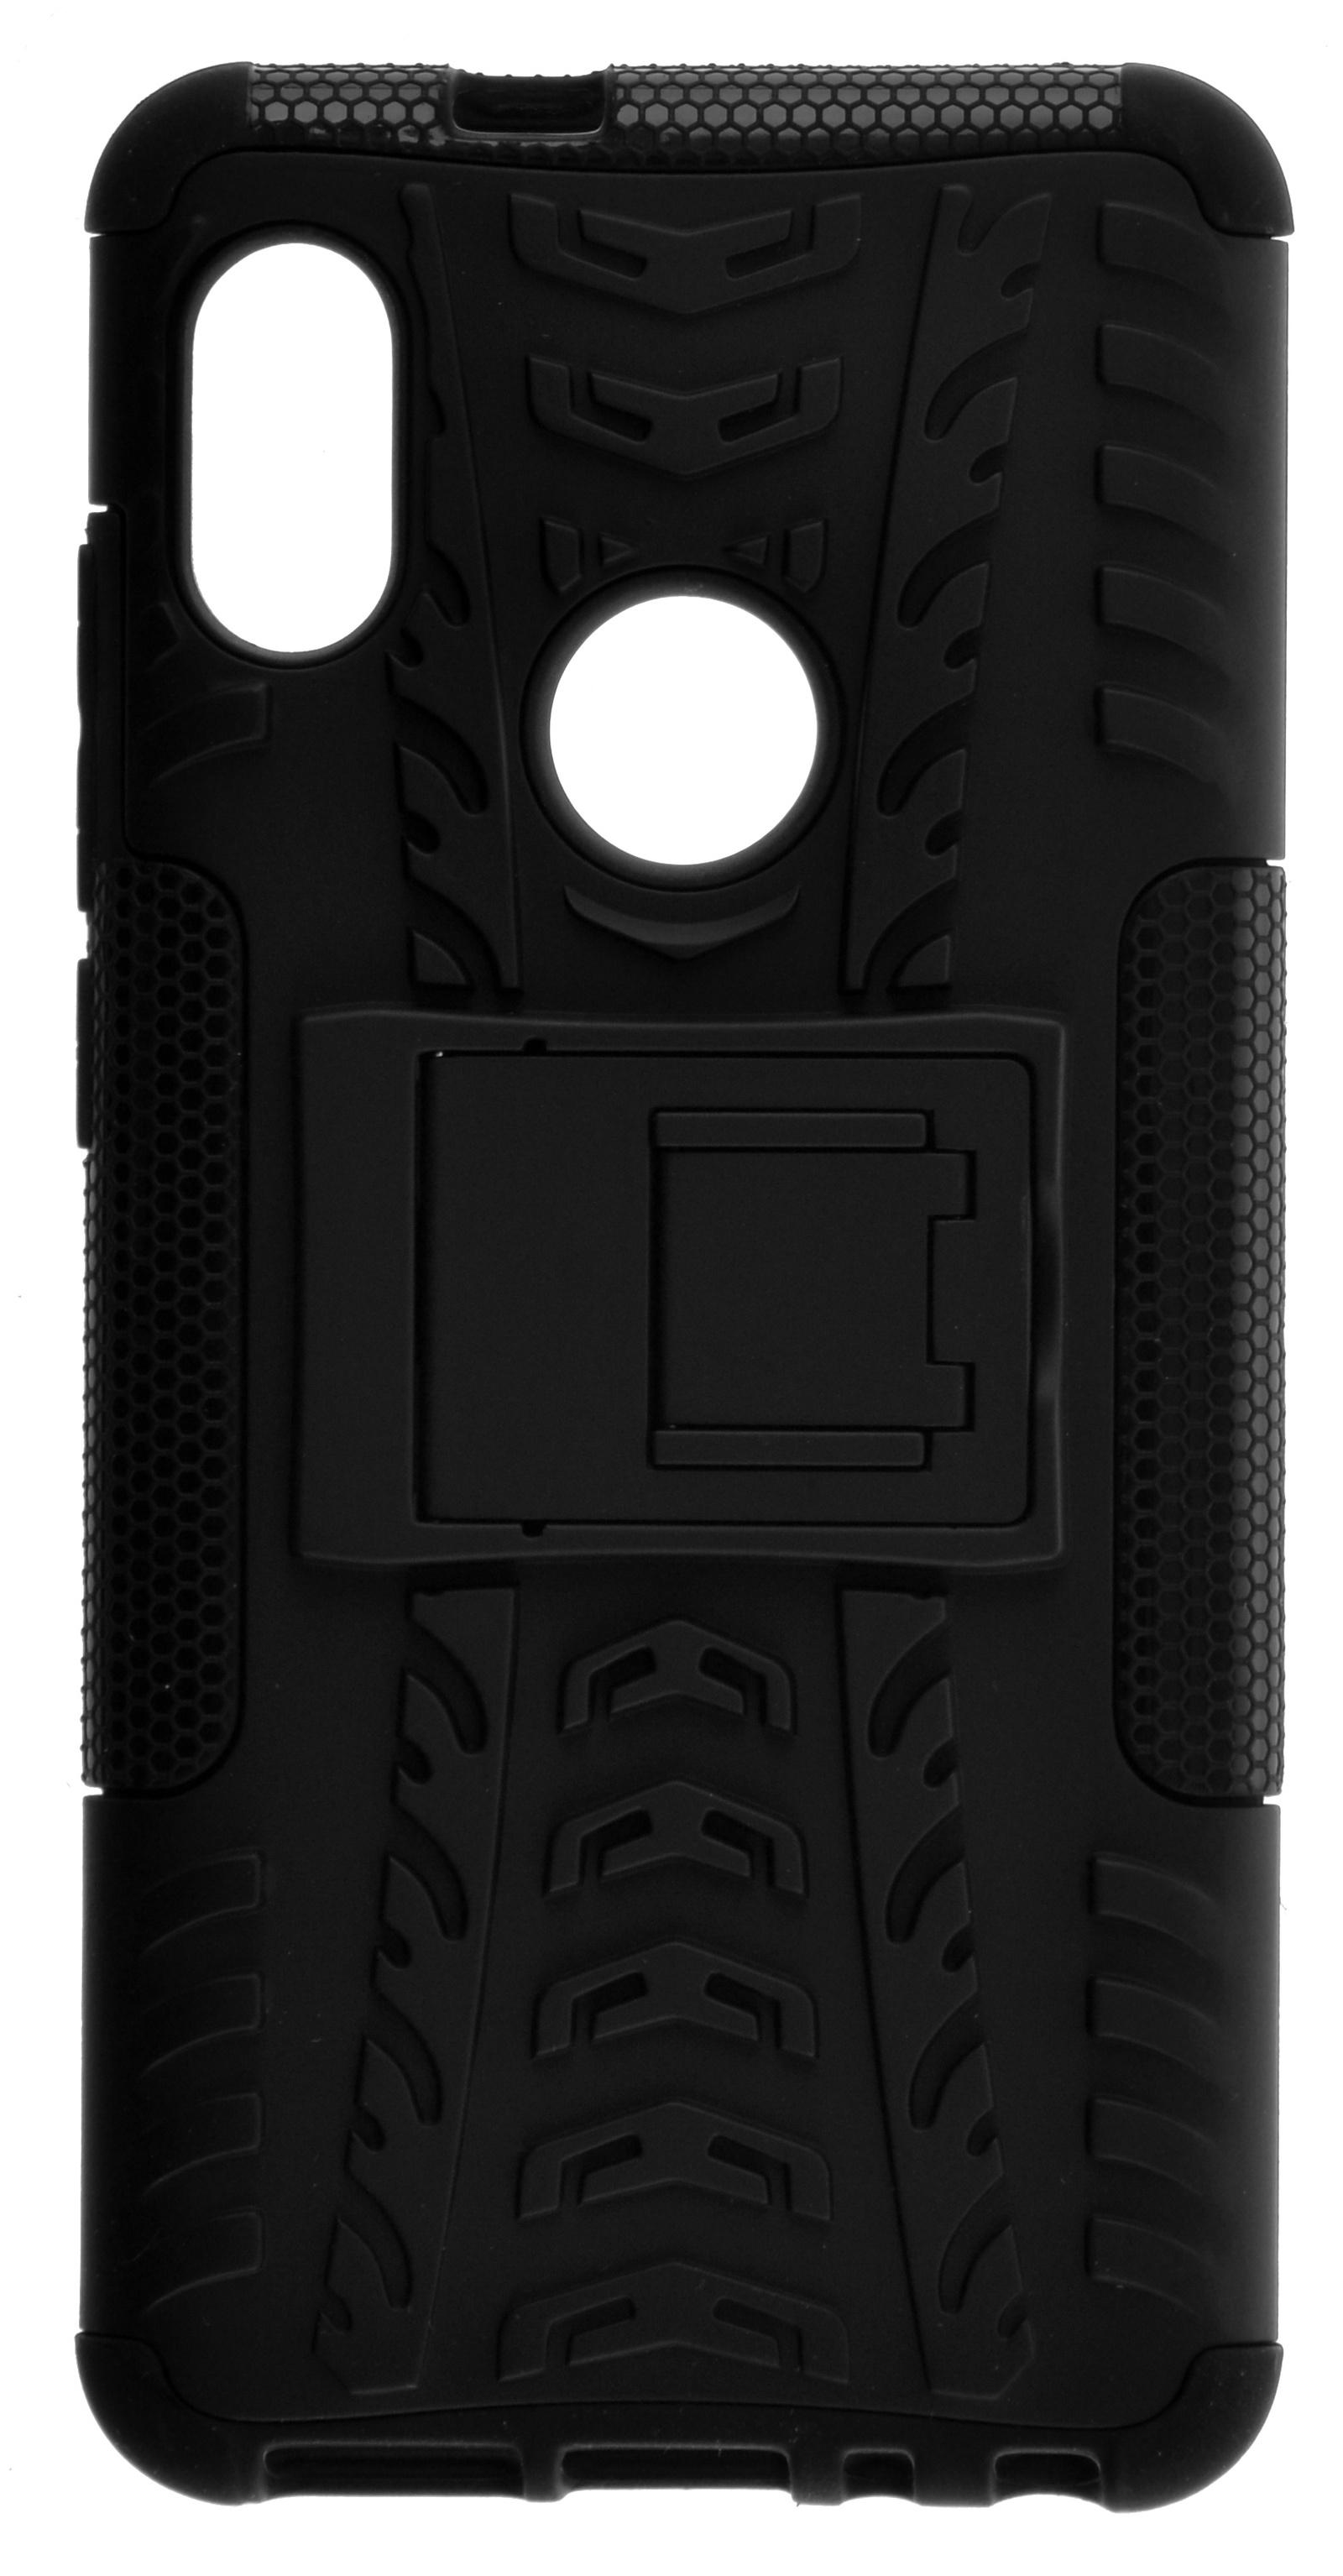 Накладка skinBOX Defender case для Xiaomi Redmi Note 5, 4630042522367, черный чехол skinbox xiaomi redmi note 3